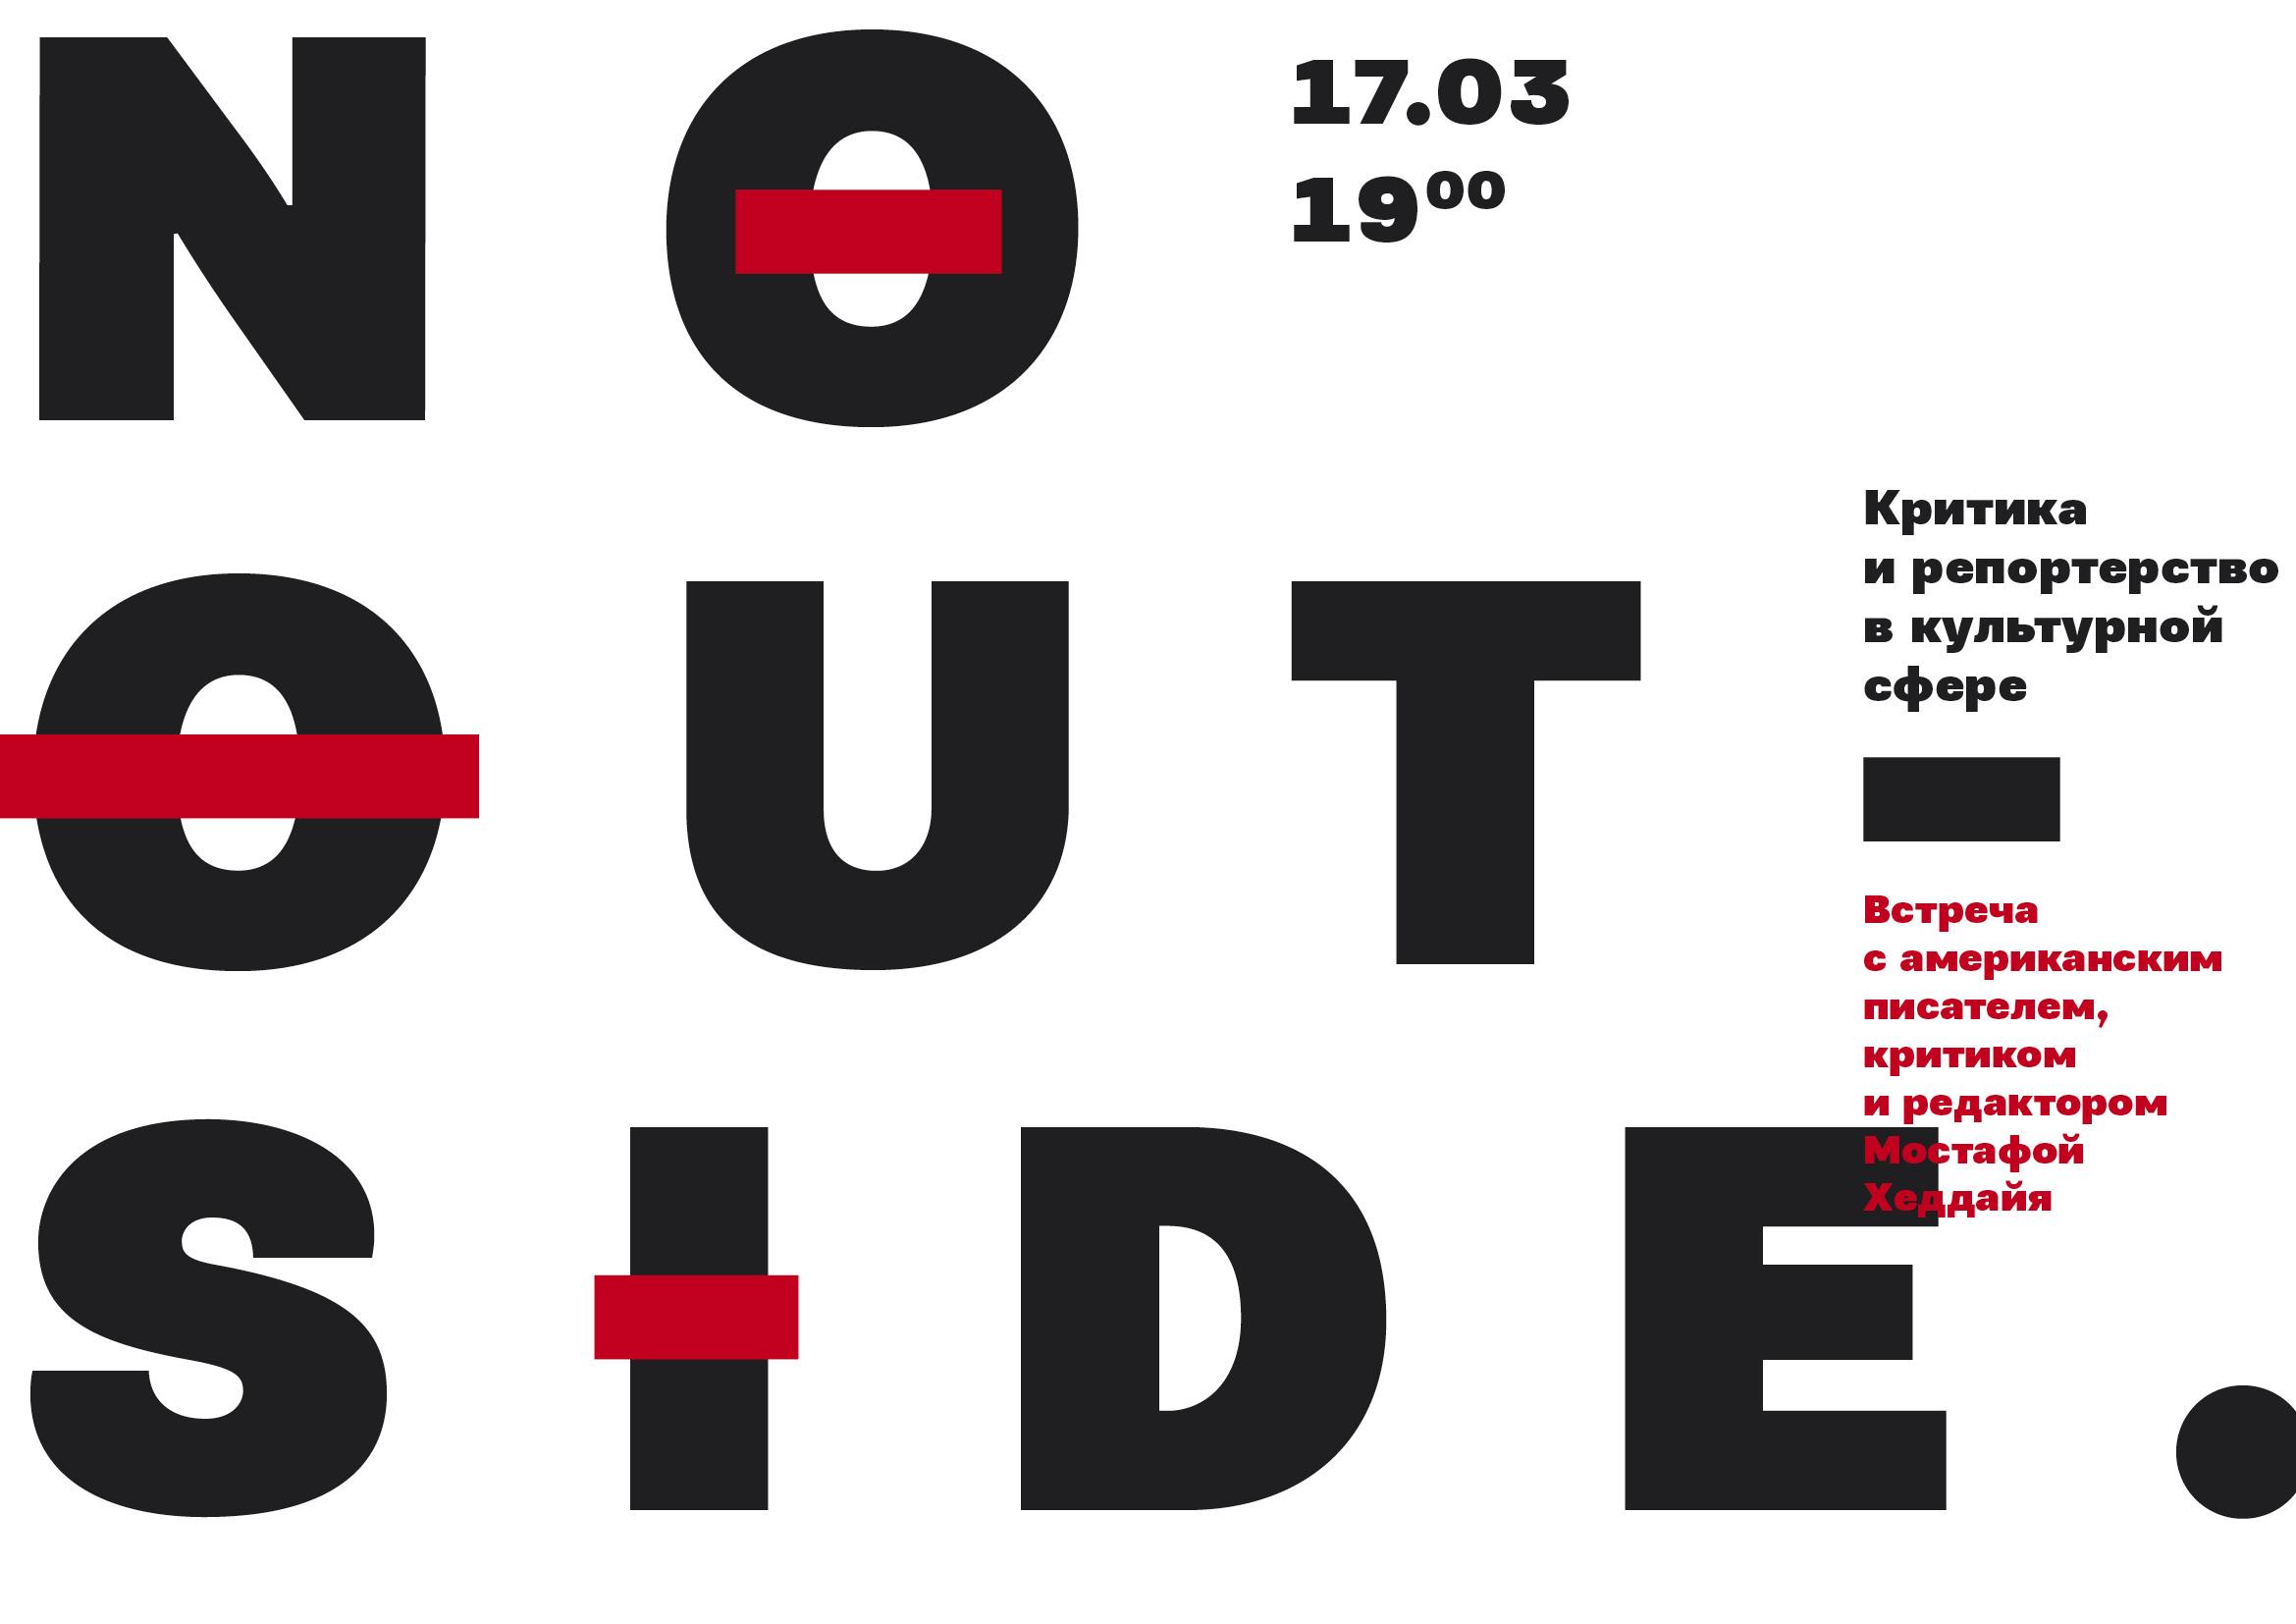 Зустріч No Outside: Критика та репортерство в галузі культури